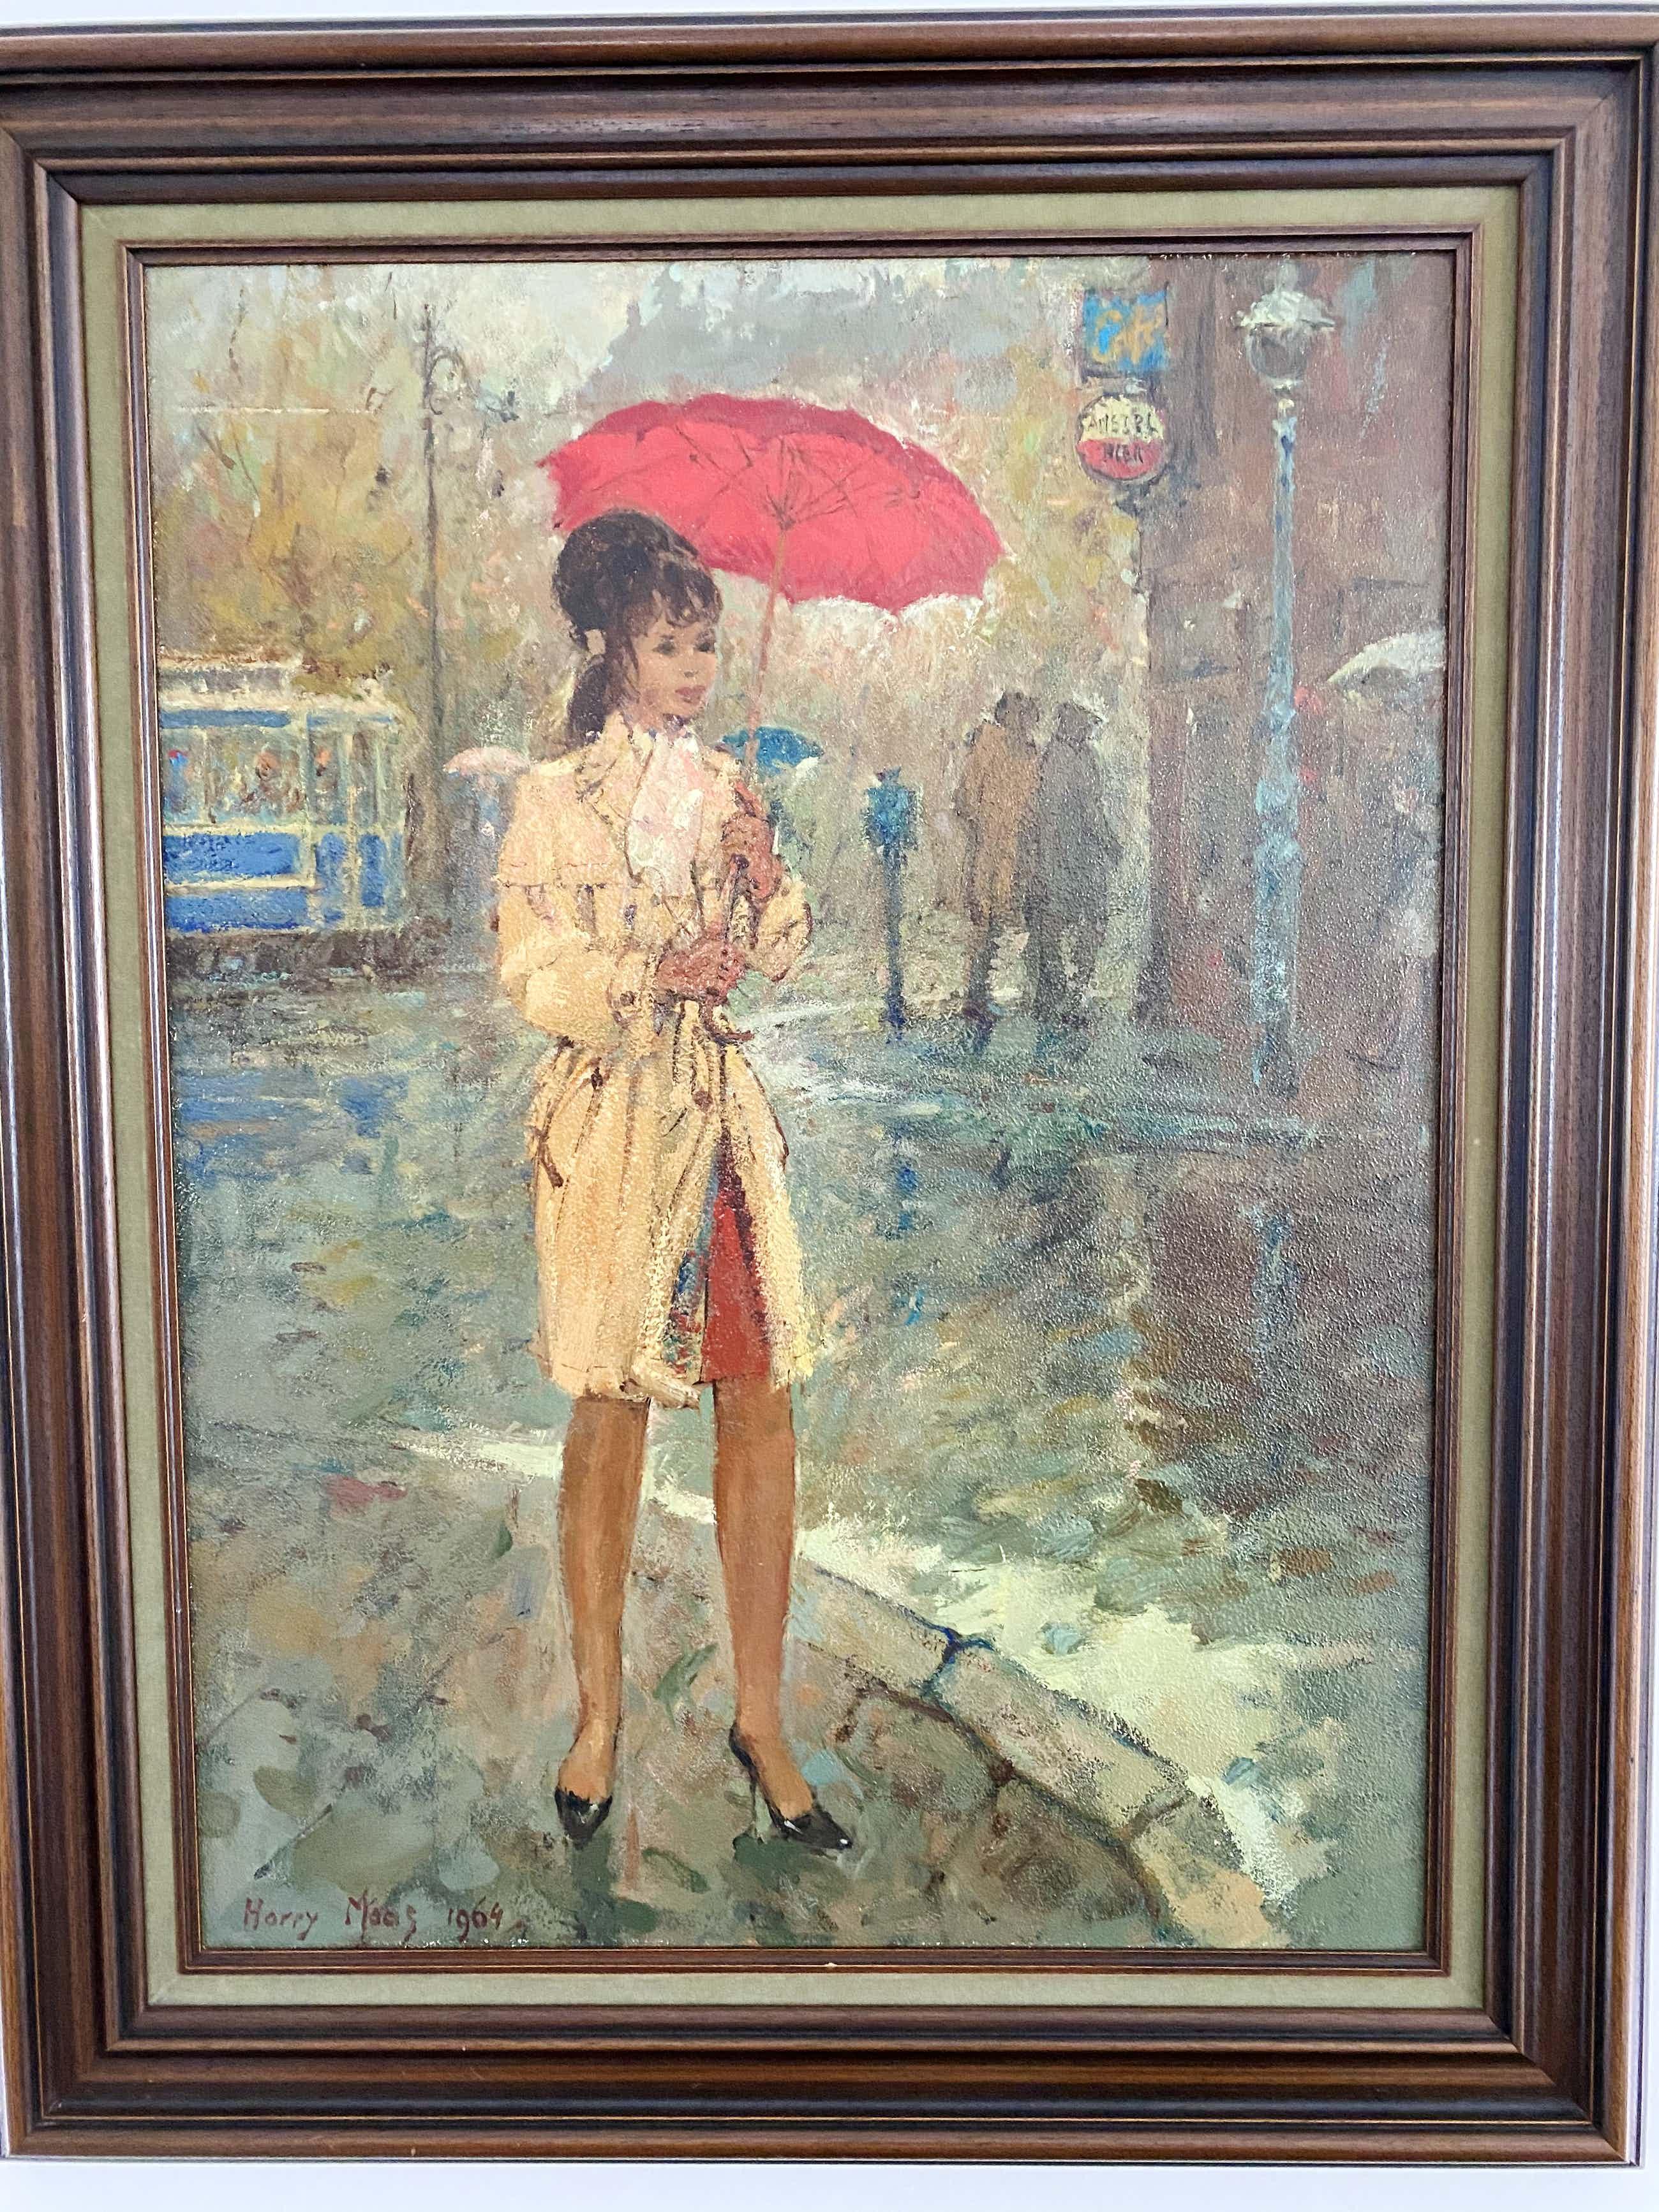 Harry Maas - Meisje met regenjas kopen? Bied vanaf 750!